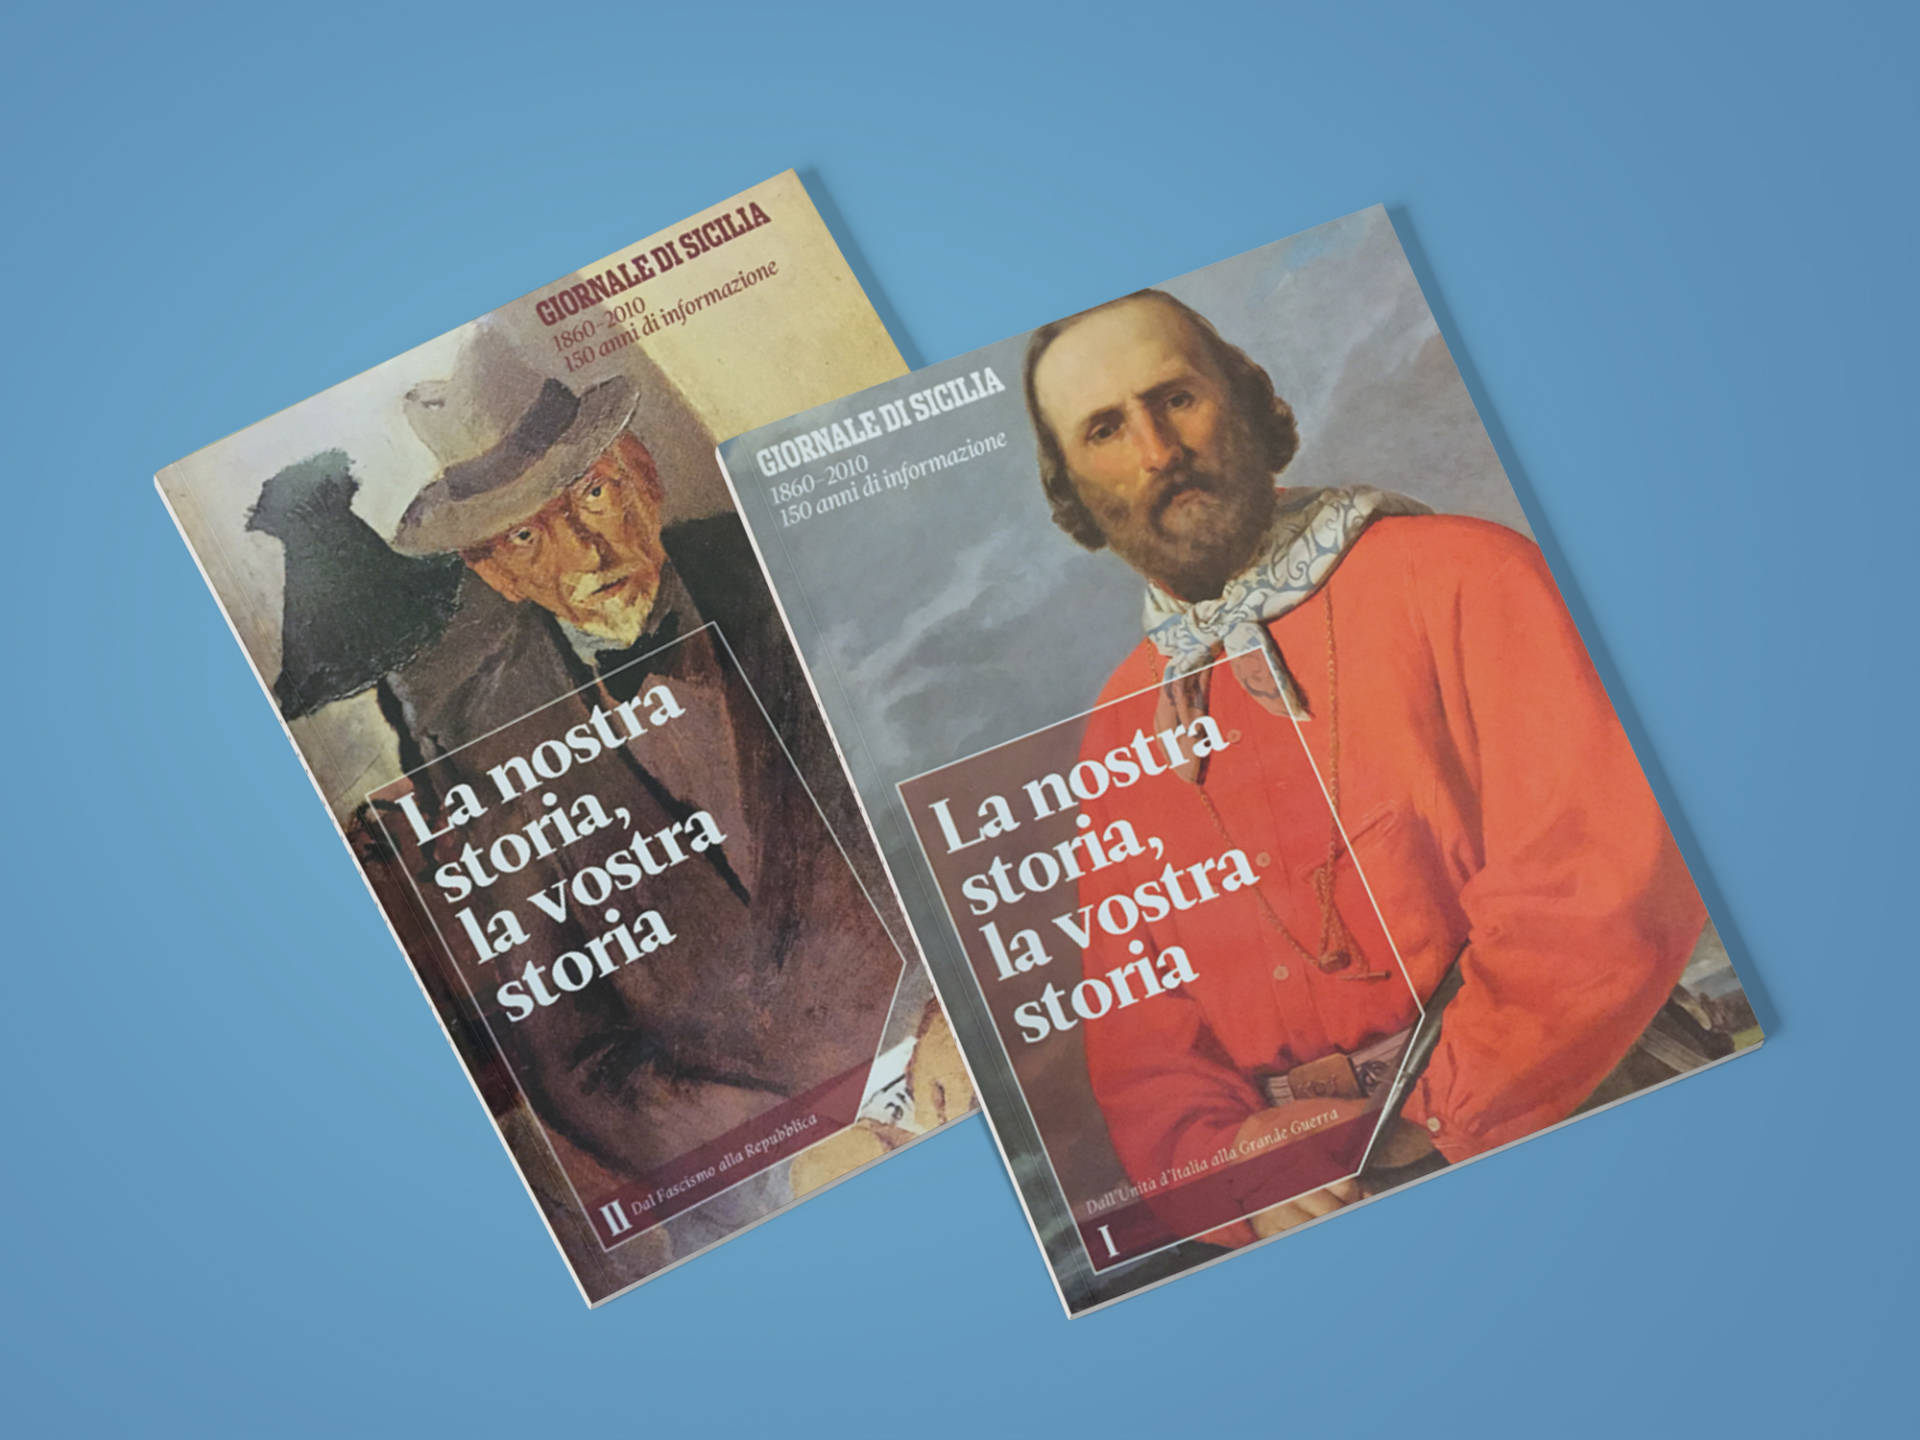 Giornale_Di_Sicilia_Libro_01B_Wenceslau_News_Design